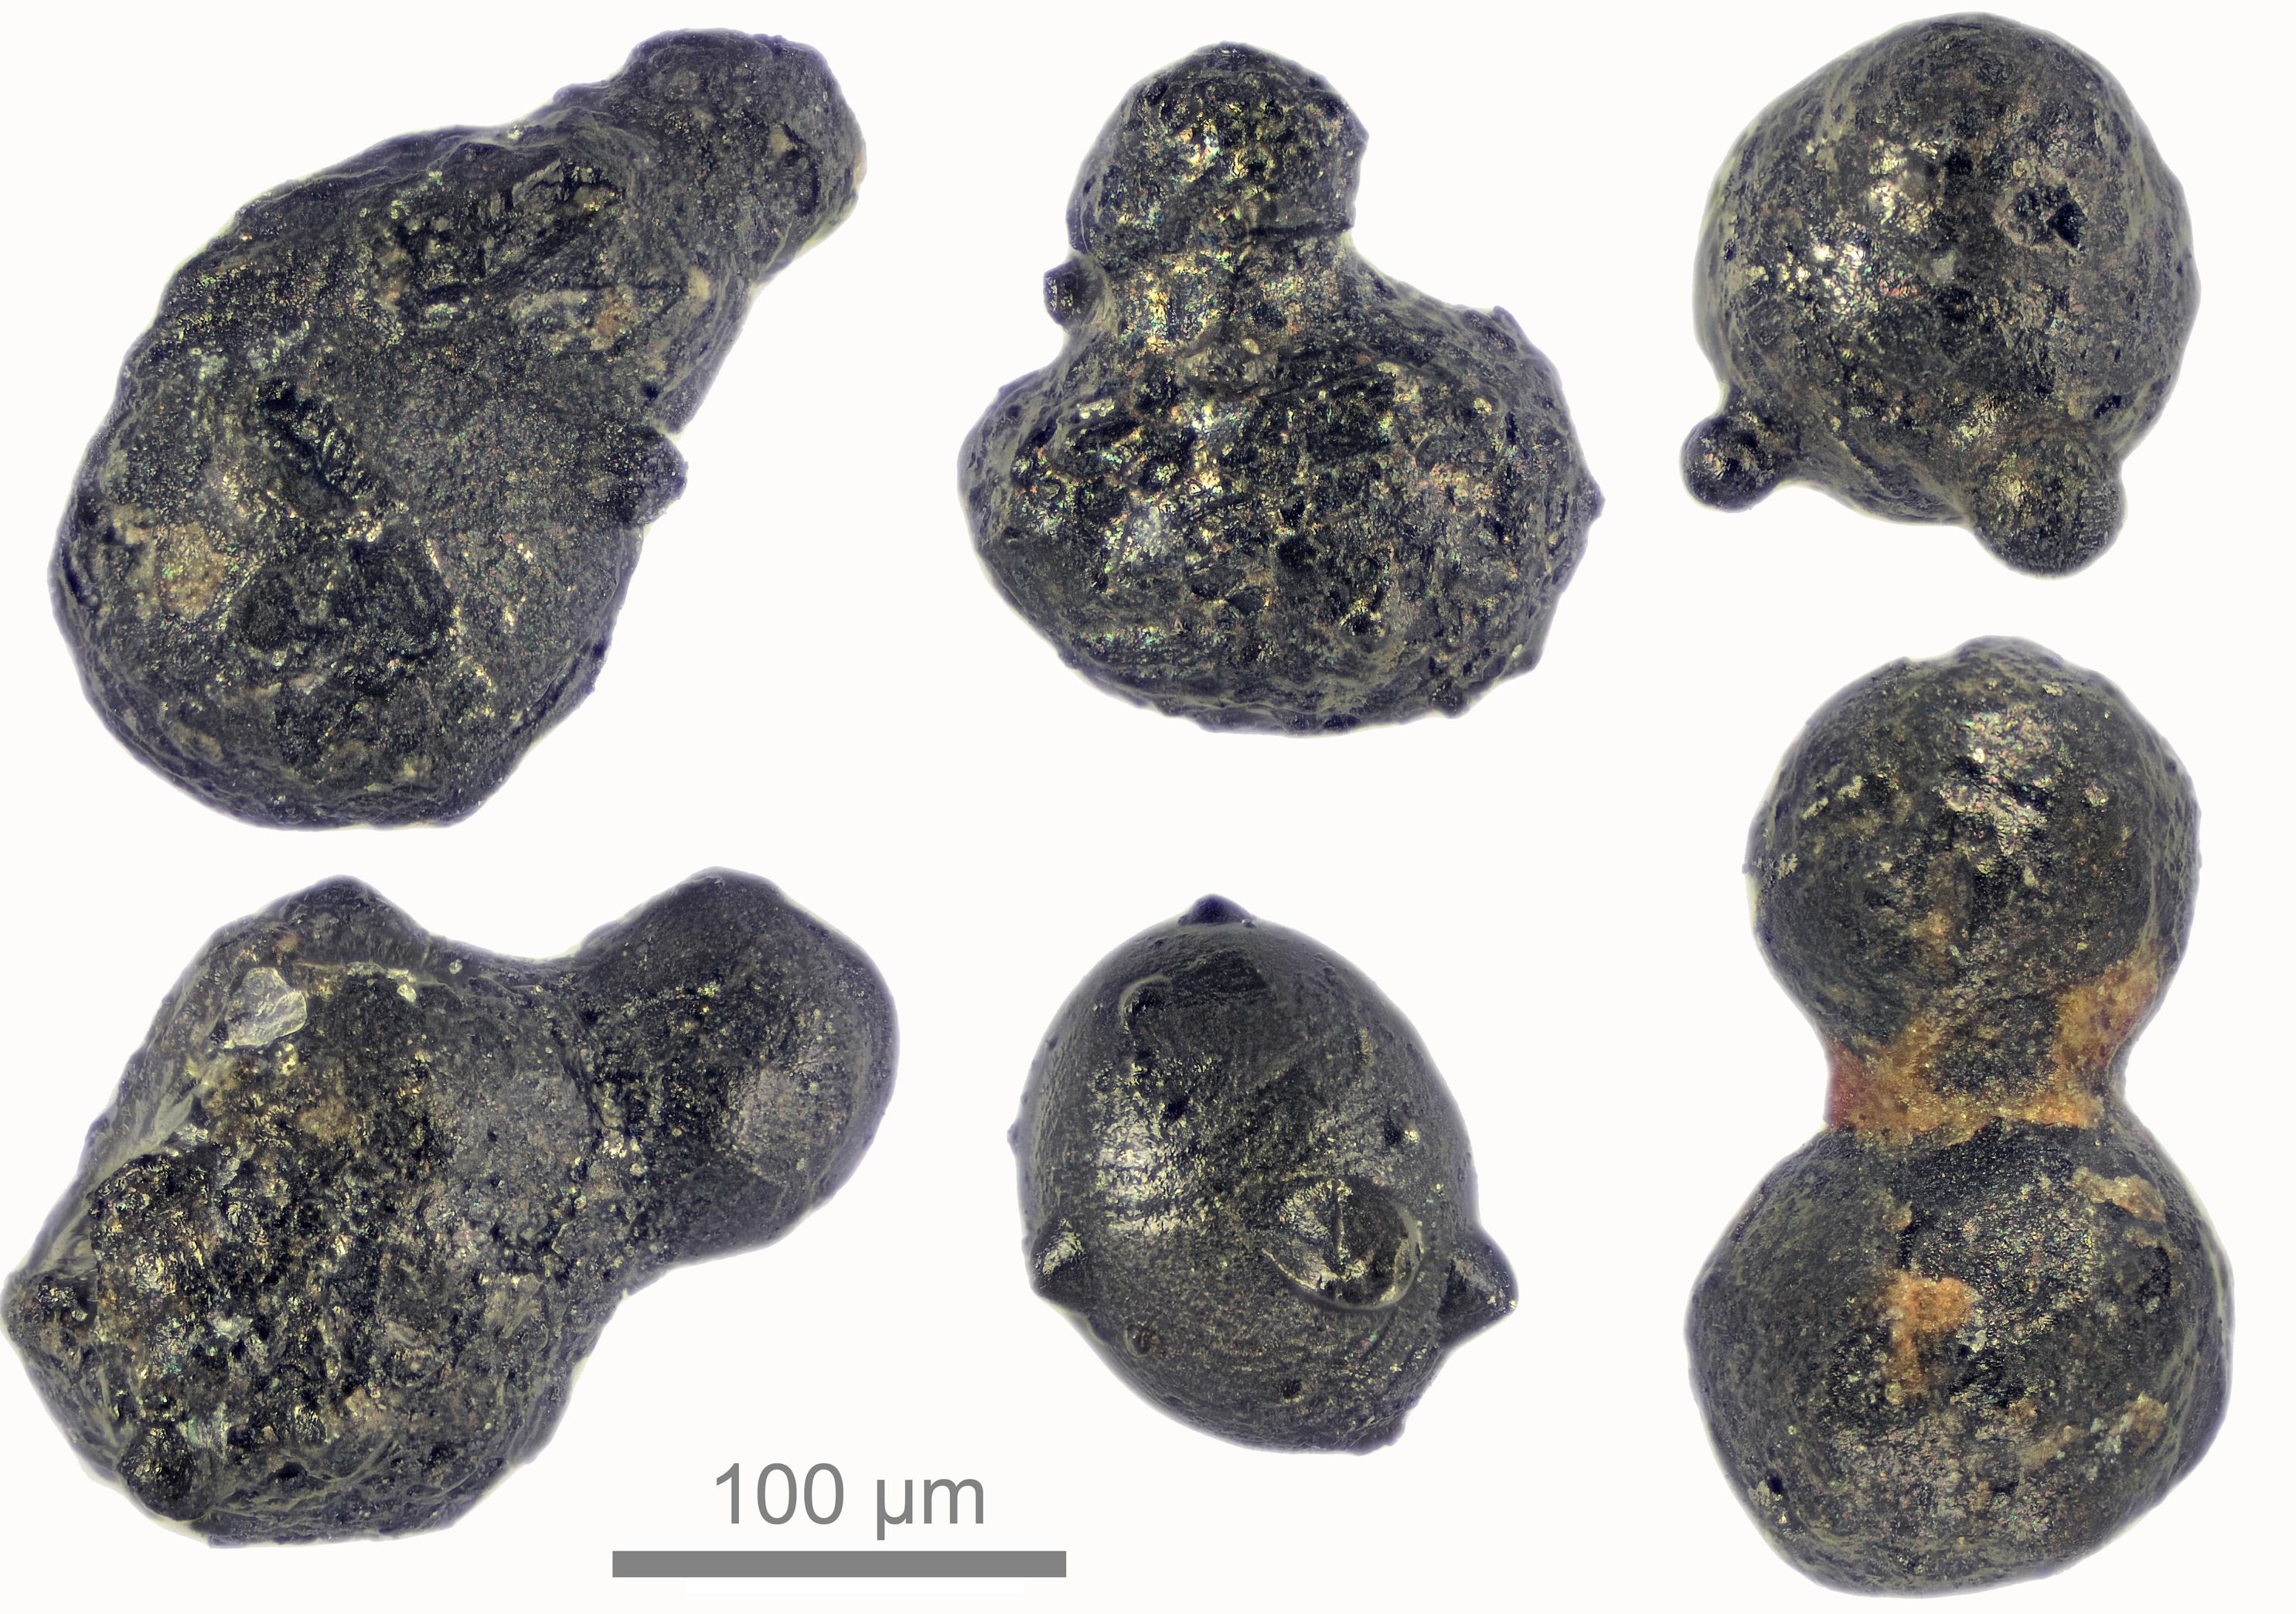 une micrographie de particules d'impact de Walnumfjellet, des montagnes de Sør Rondane, de la terre de la reine Maud, de l'Antarctique de l'Est - les particules semblent noires et brillantes et ont des formes arrondies et grumeleuses